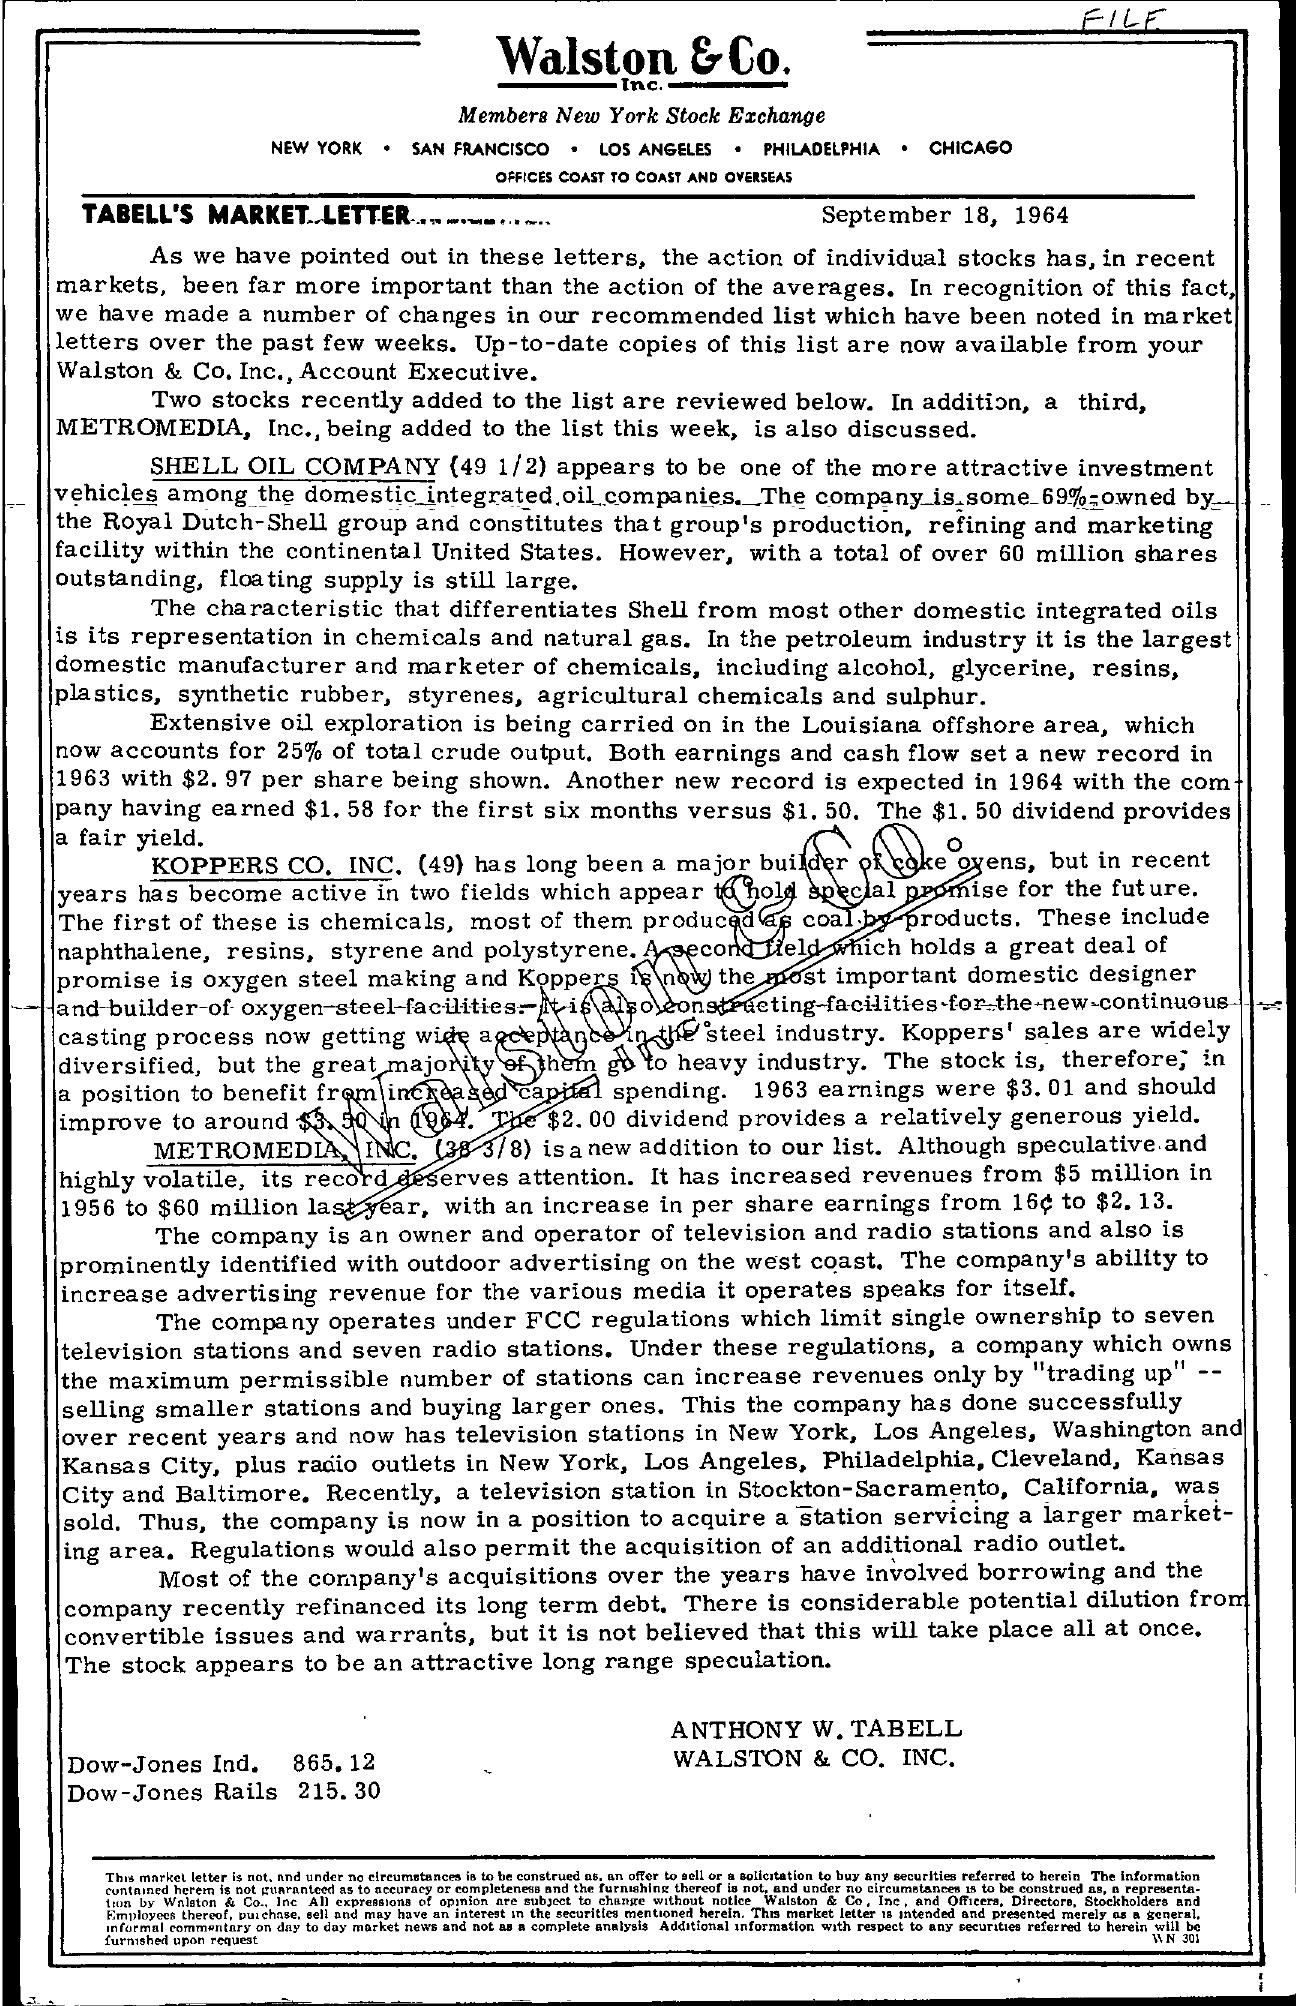 Tabell's Market Letter - September 18, 1964